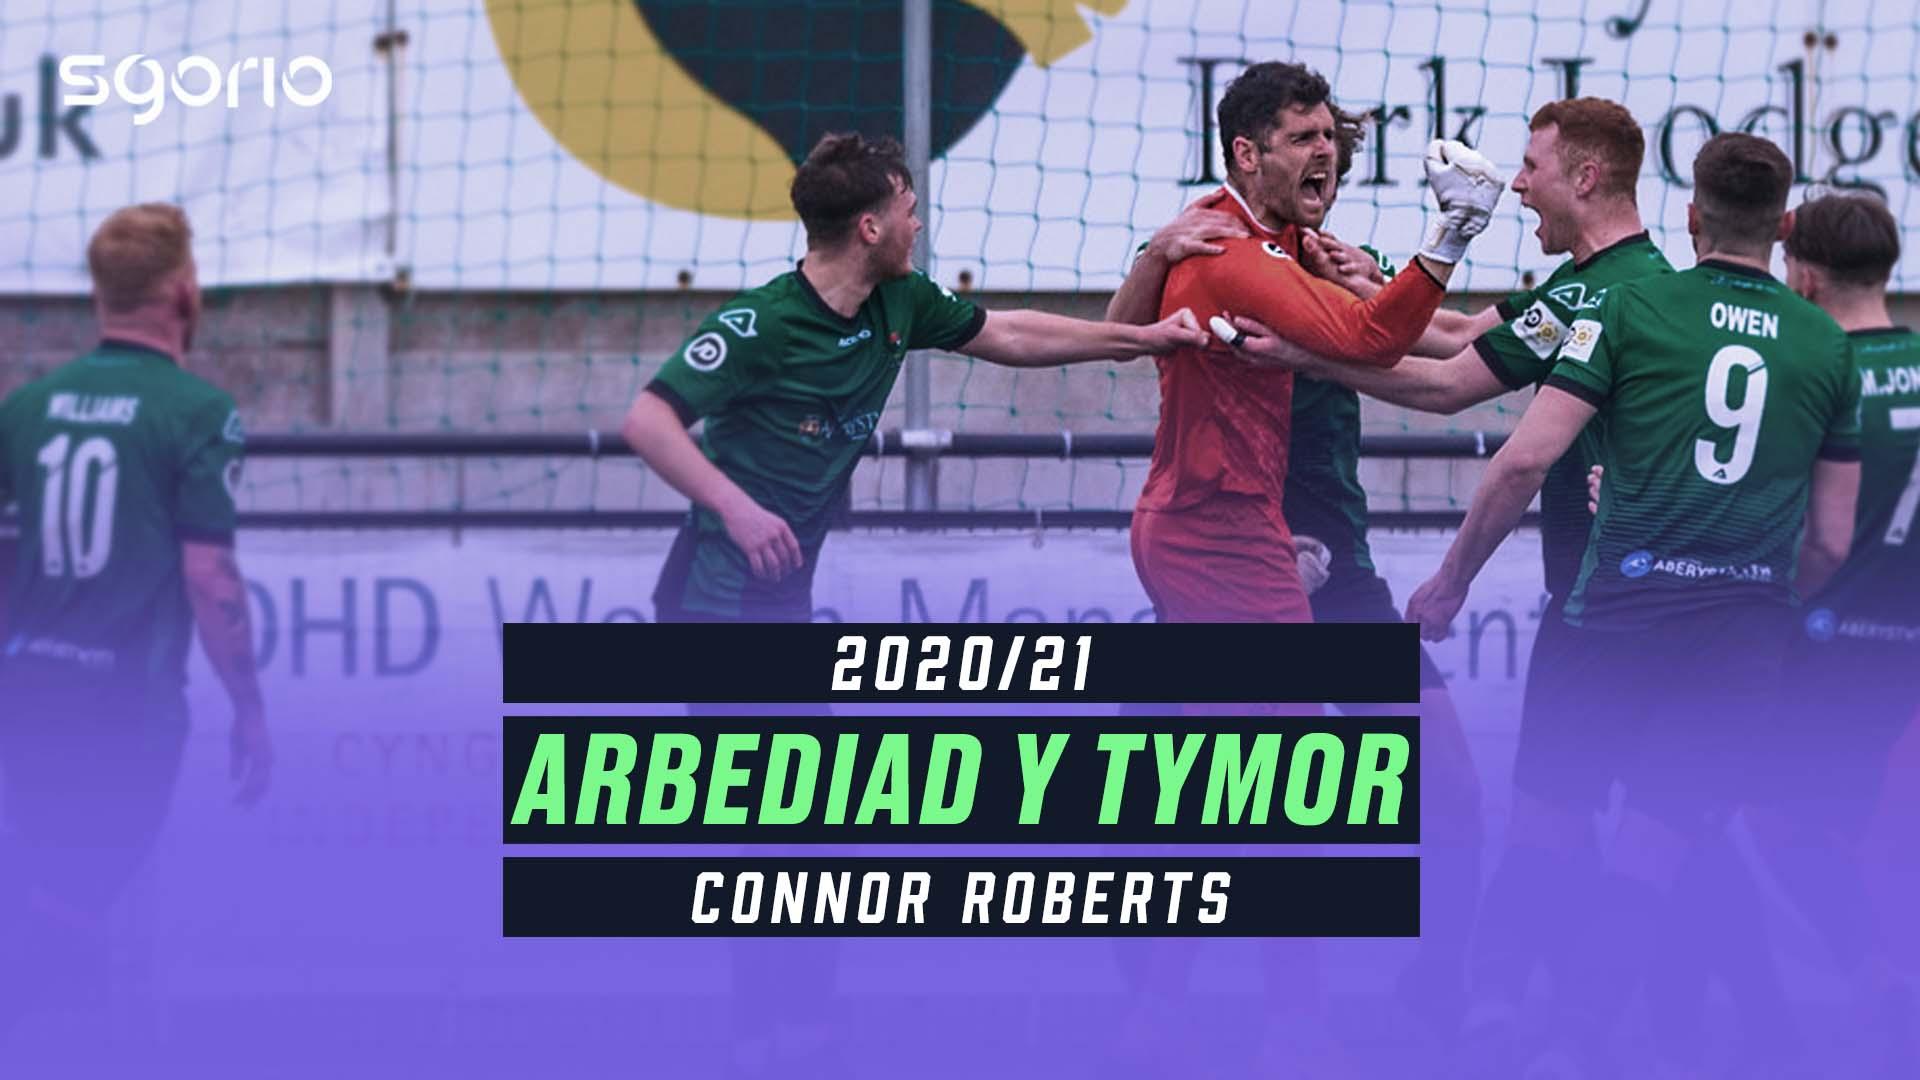 Arbediad y Tymor 2020/21 Cymru Premier JD